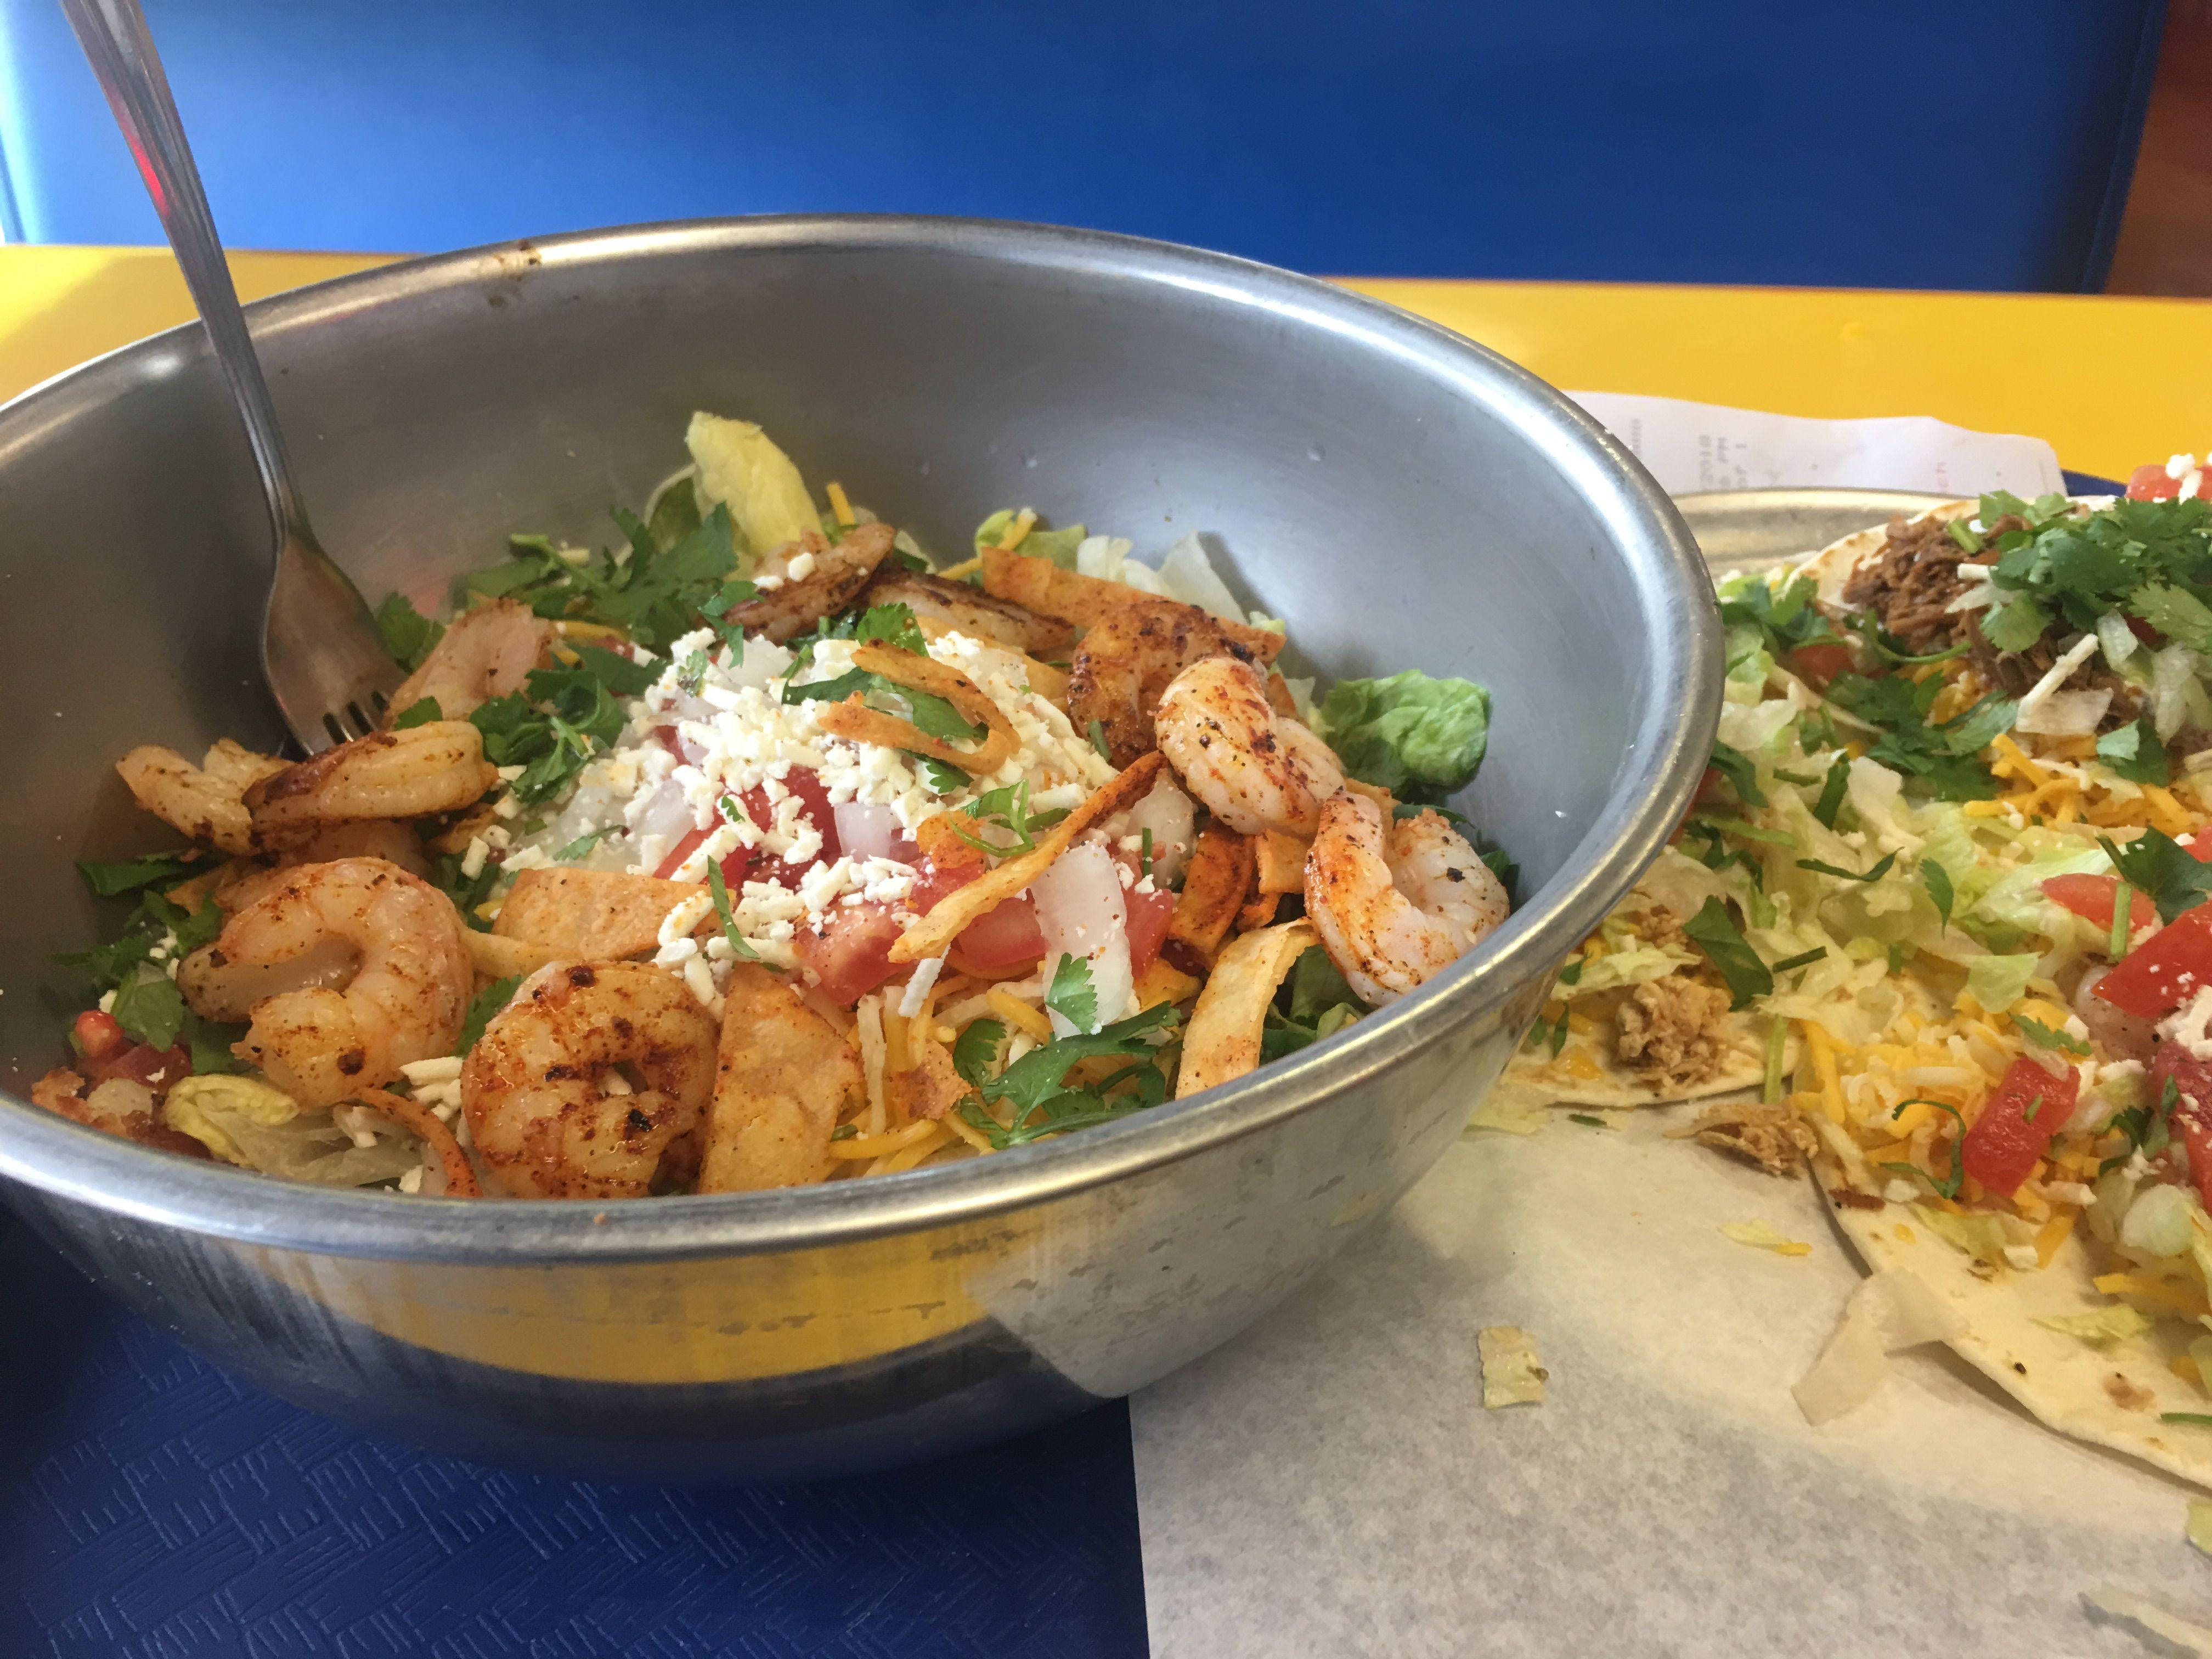 Shrimp salad it was good shrimp salad grilled taco